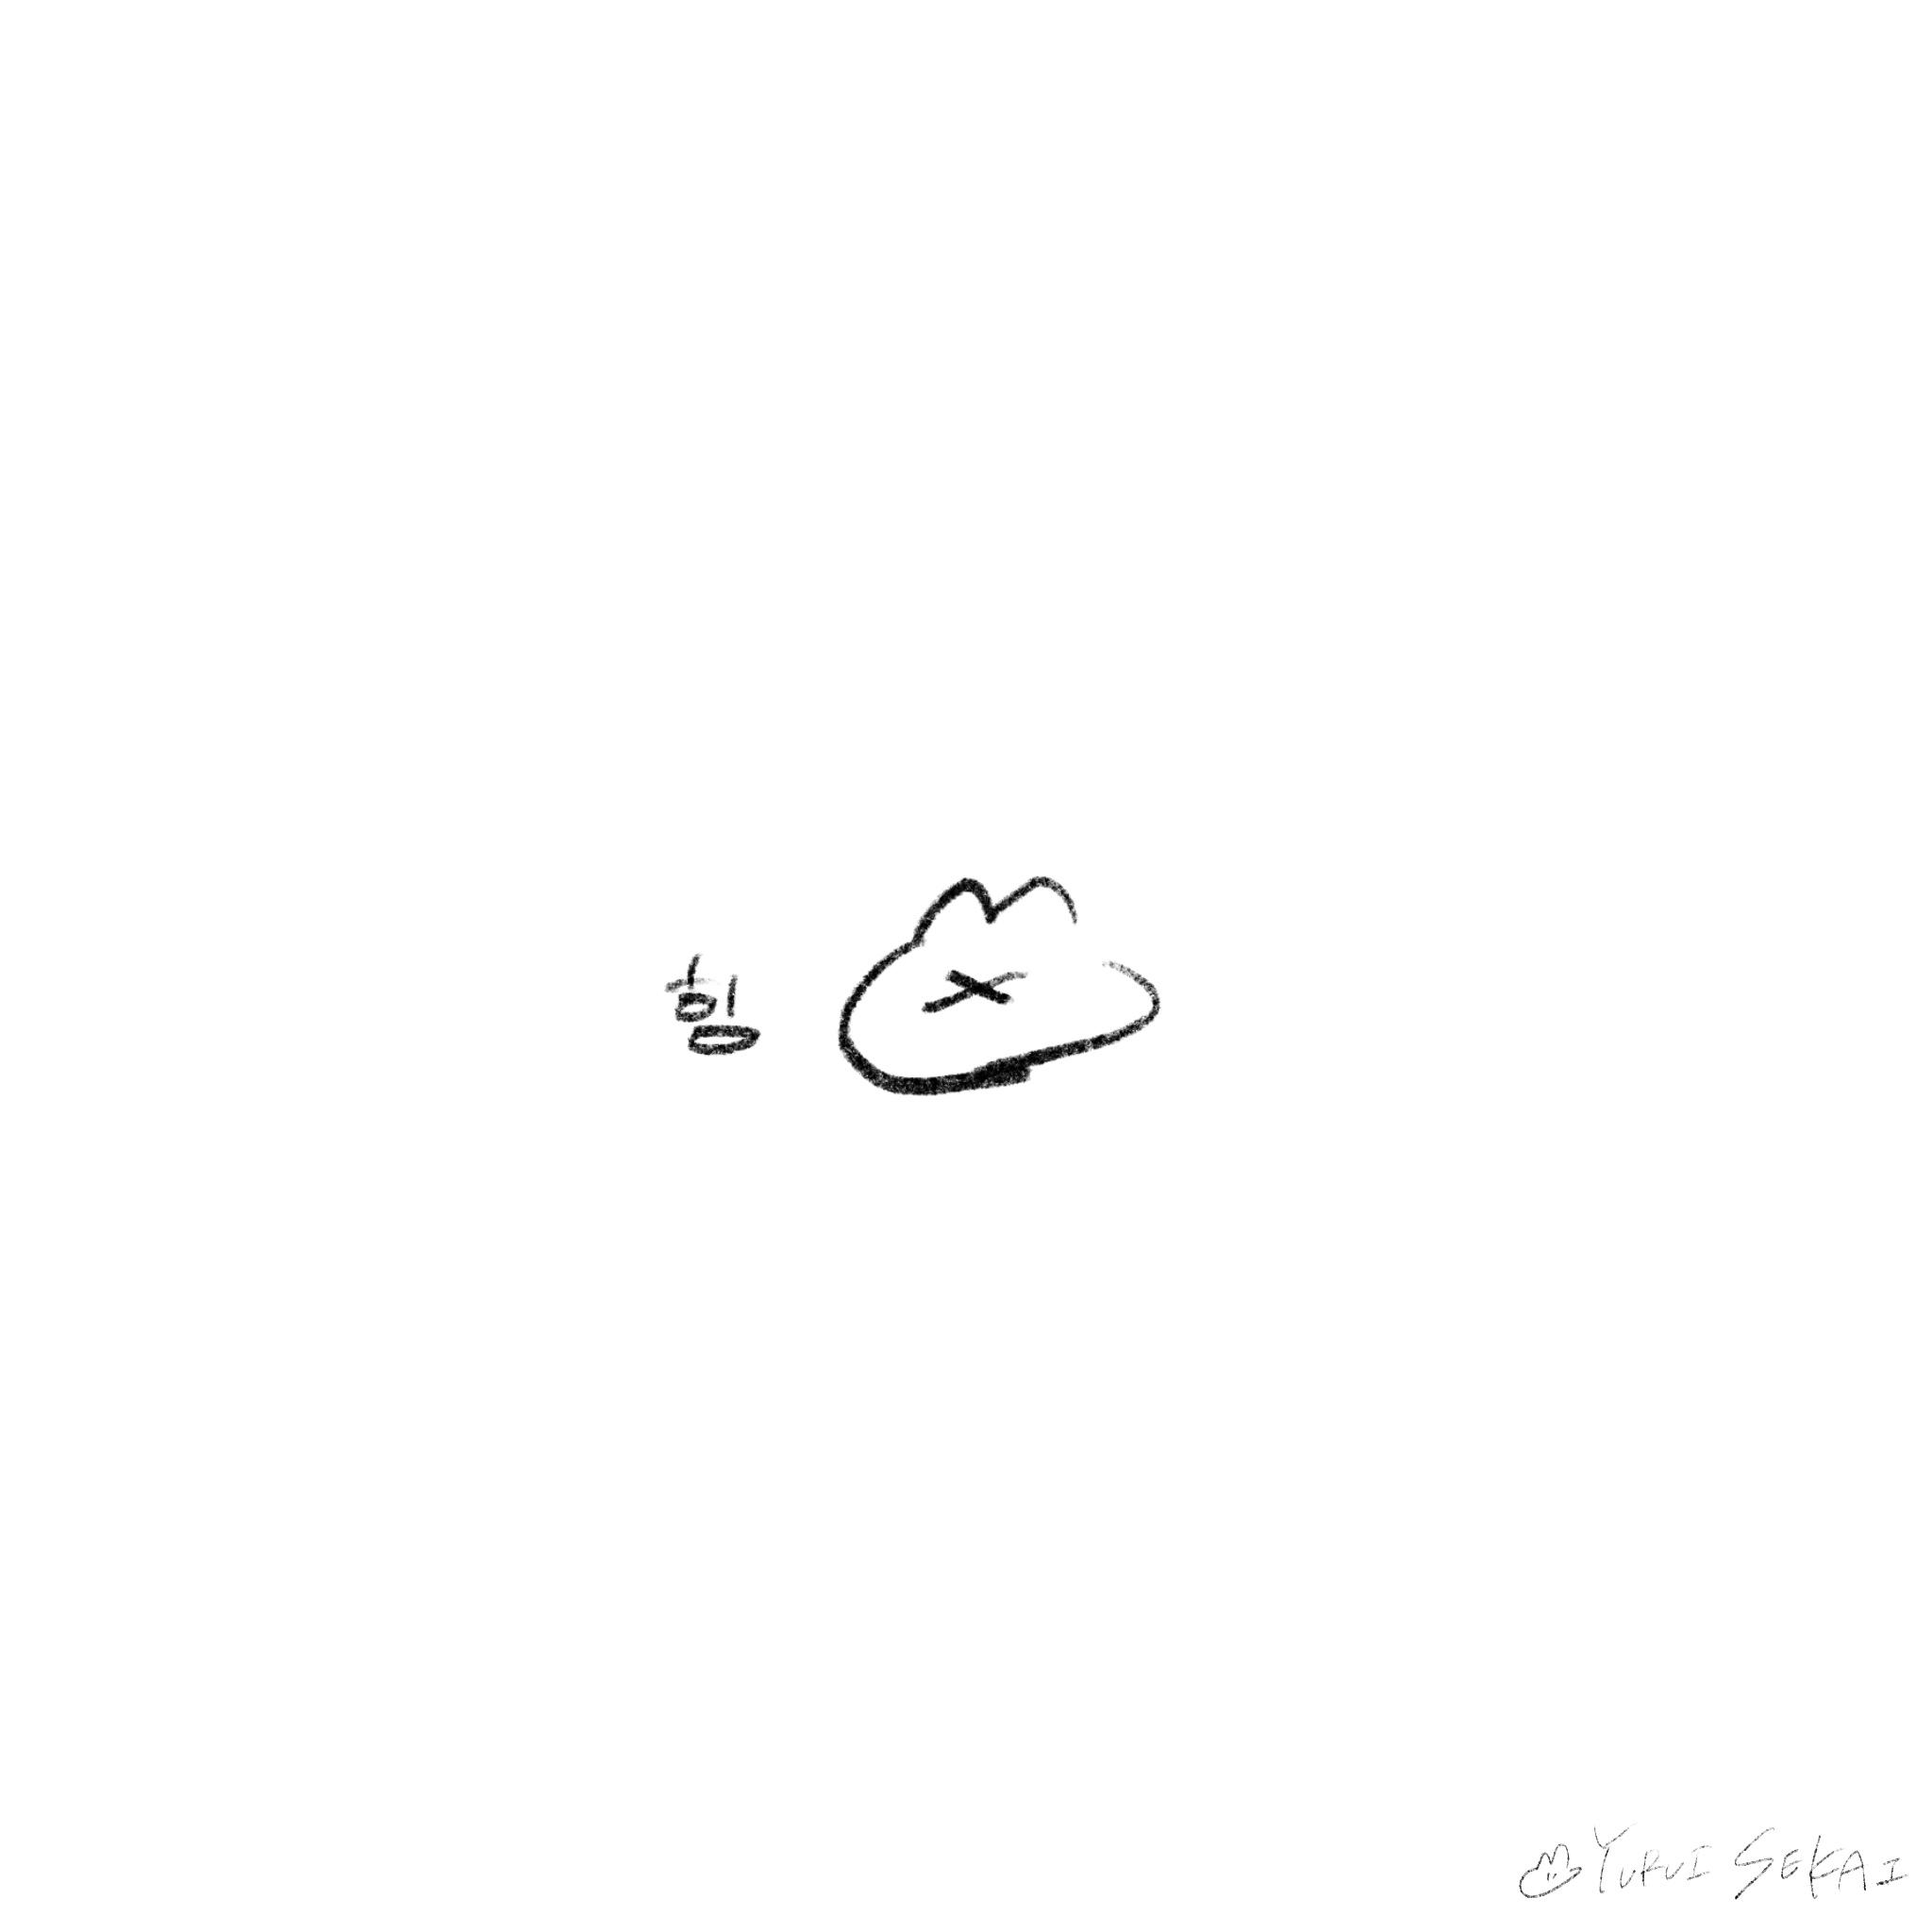 【フリー素材】ゆるいせかいのちいさなイラストをまとめました【ゆるいイラスト】泣いているうさぎさん 韓国語